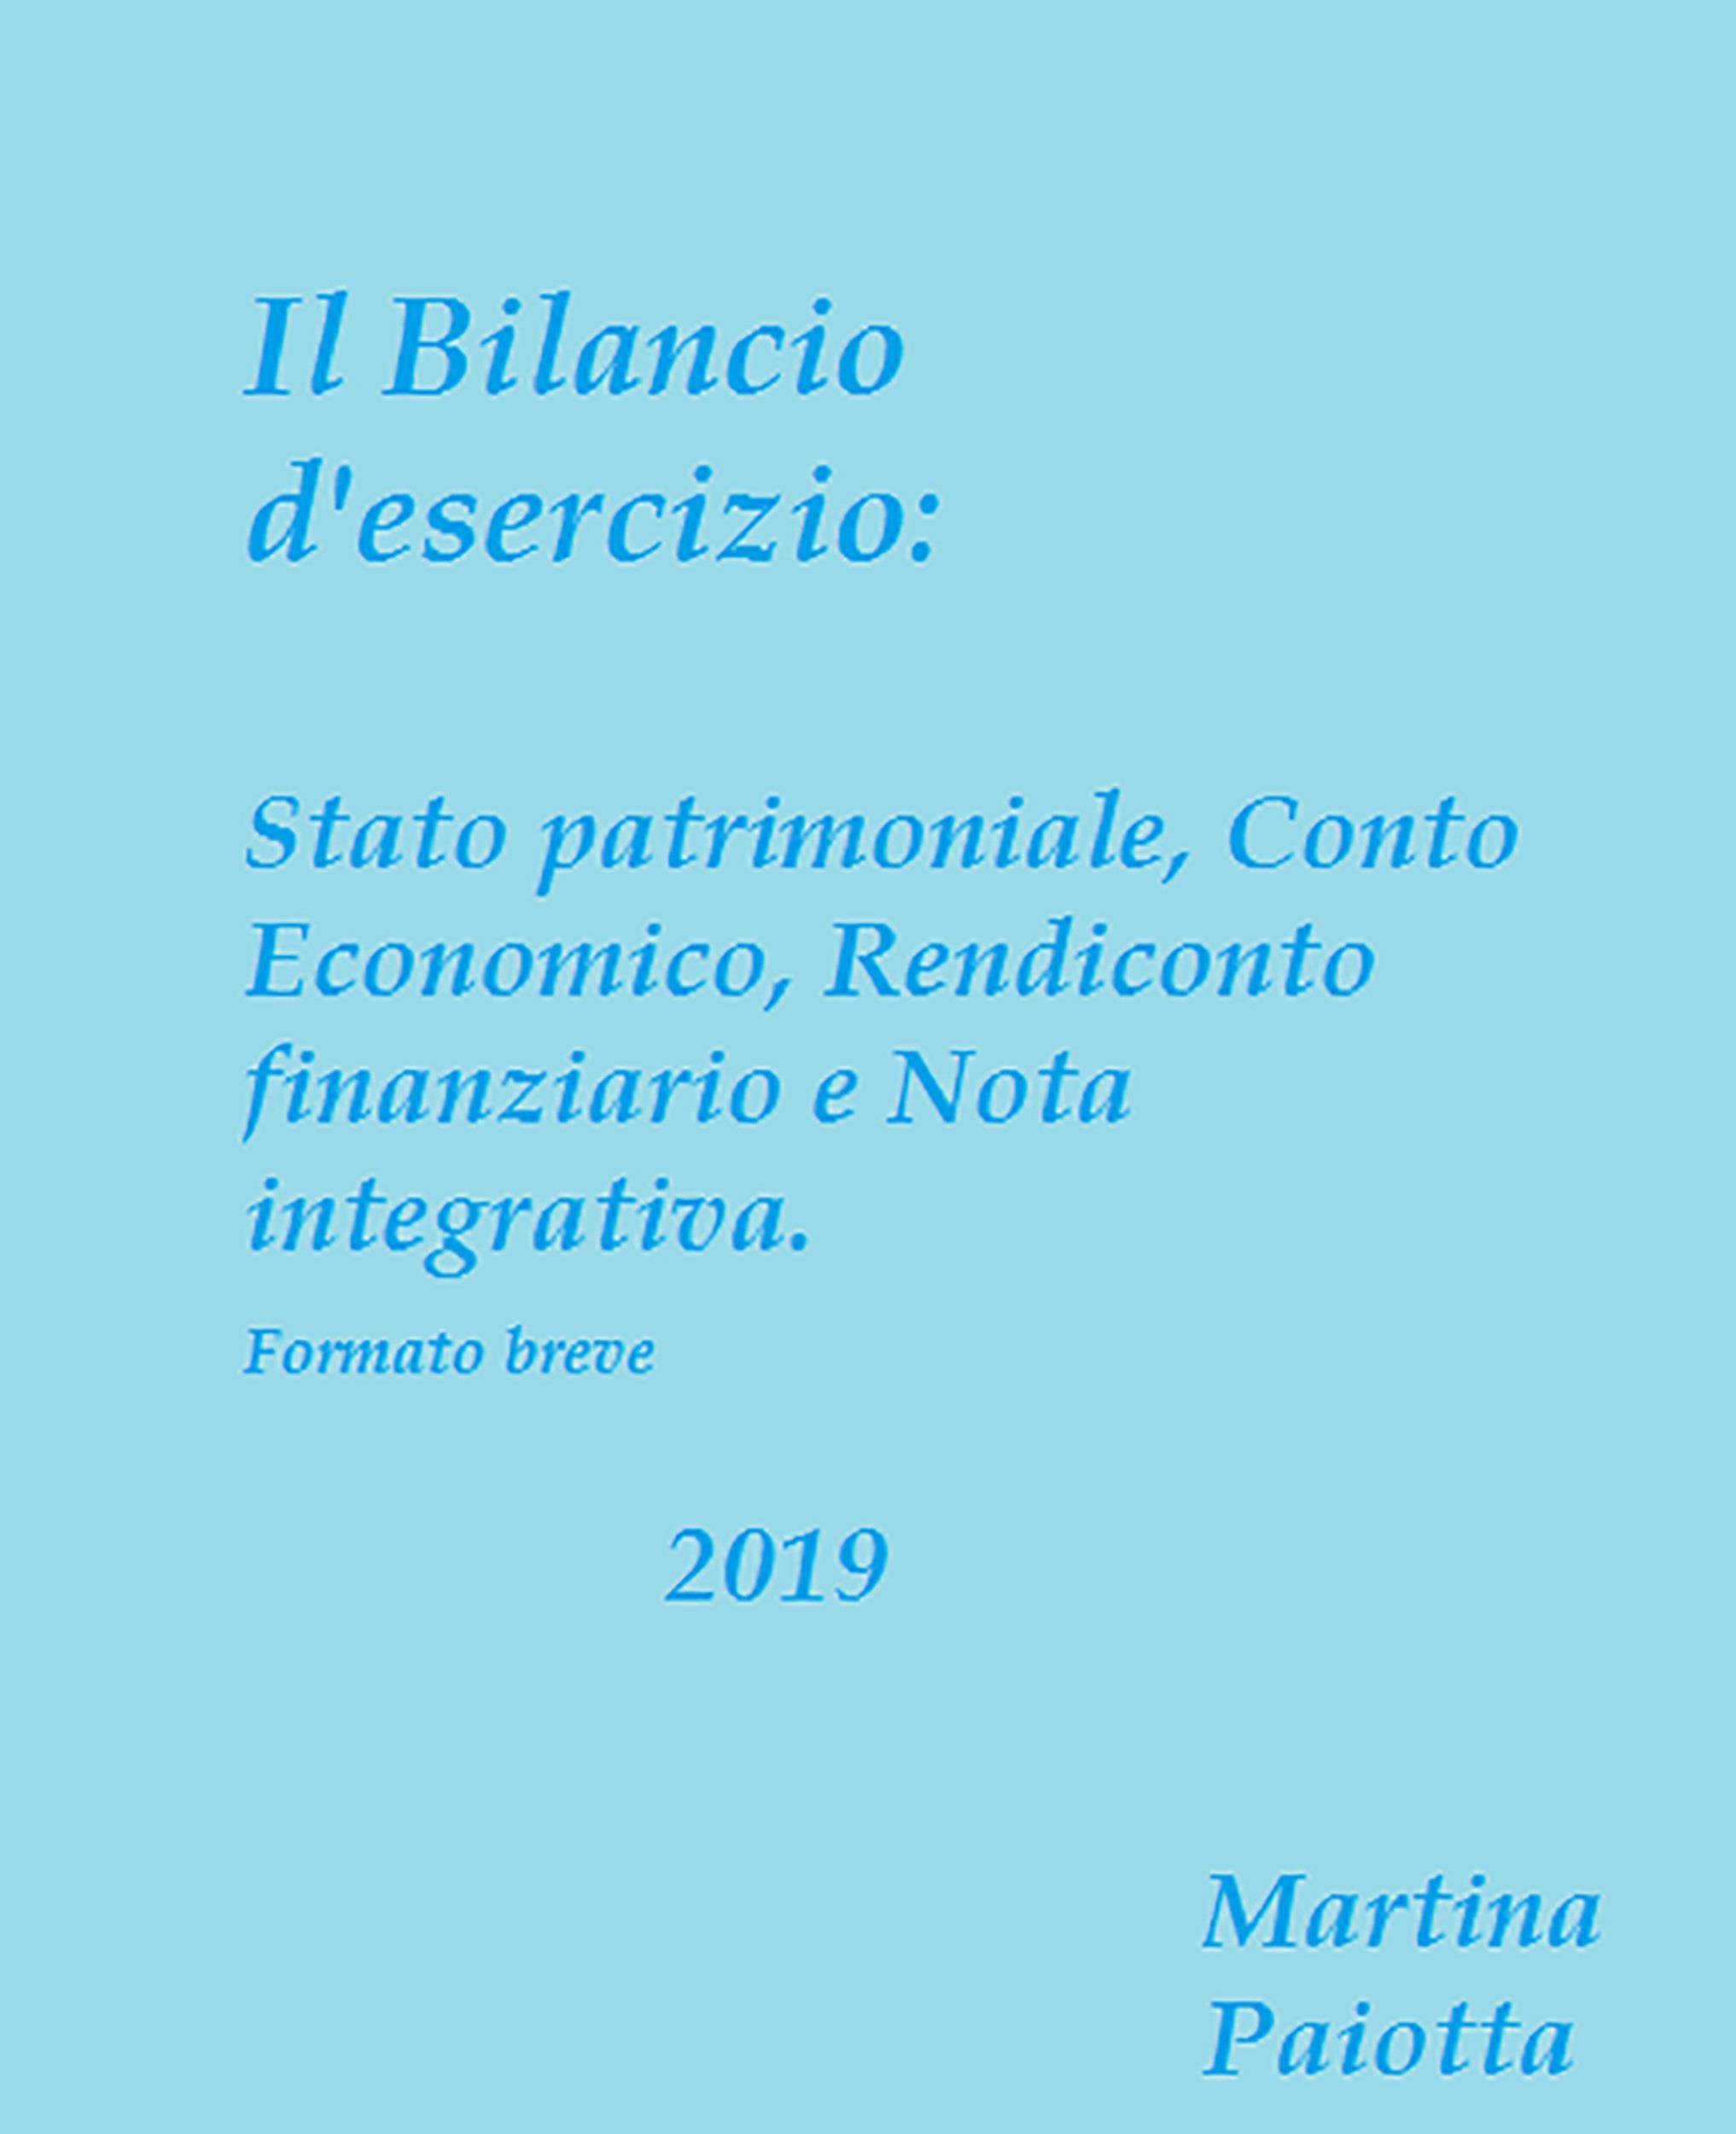 Il bilancio d'esercizio: Stato patrimoniale, Conto economico, Rendiconto finanziario e Nota integrativa